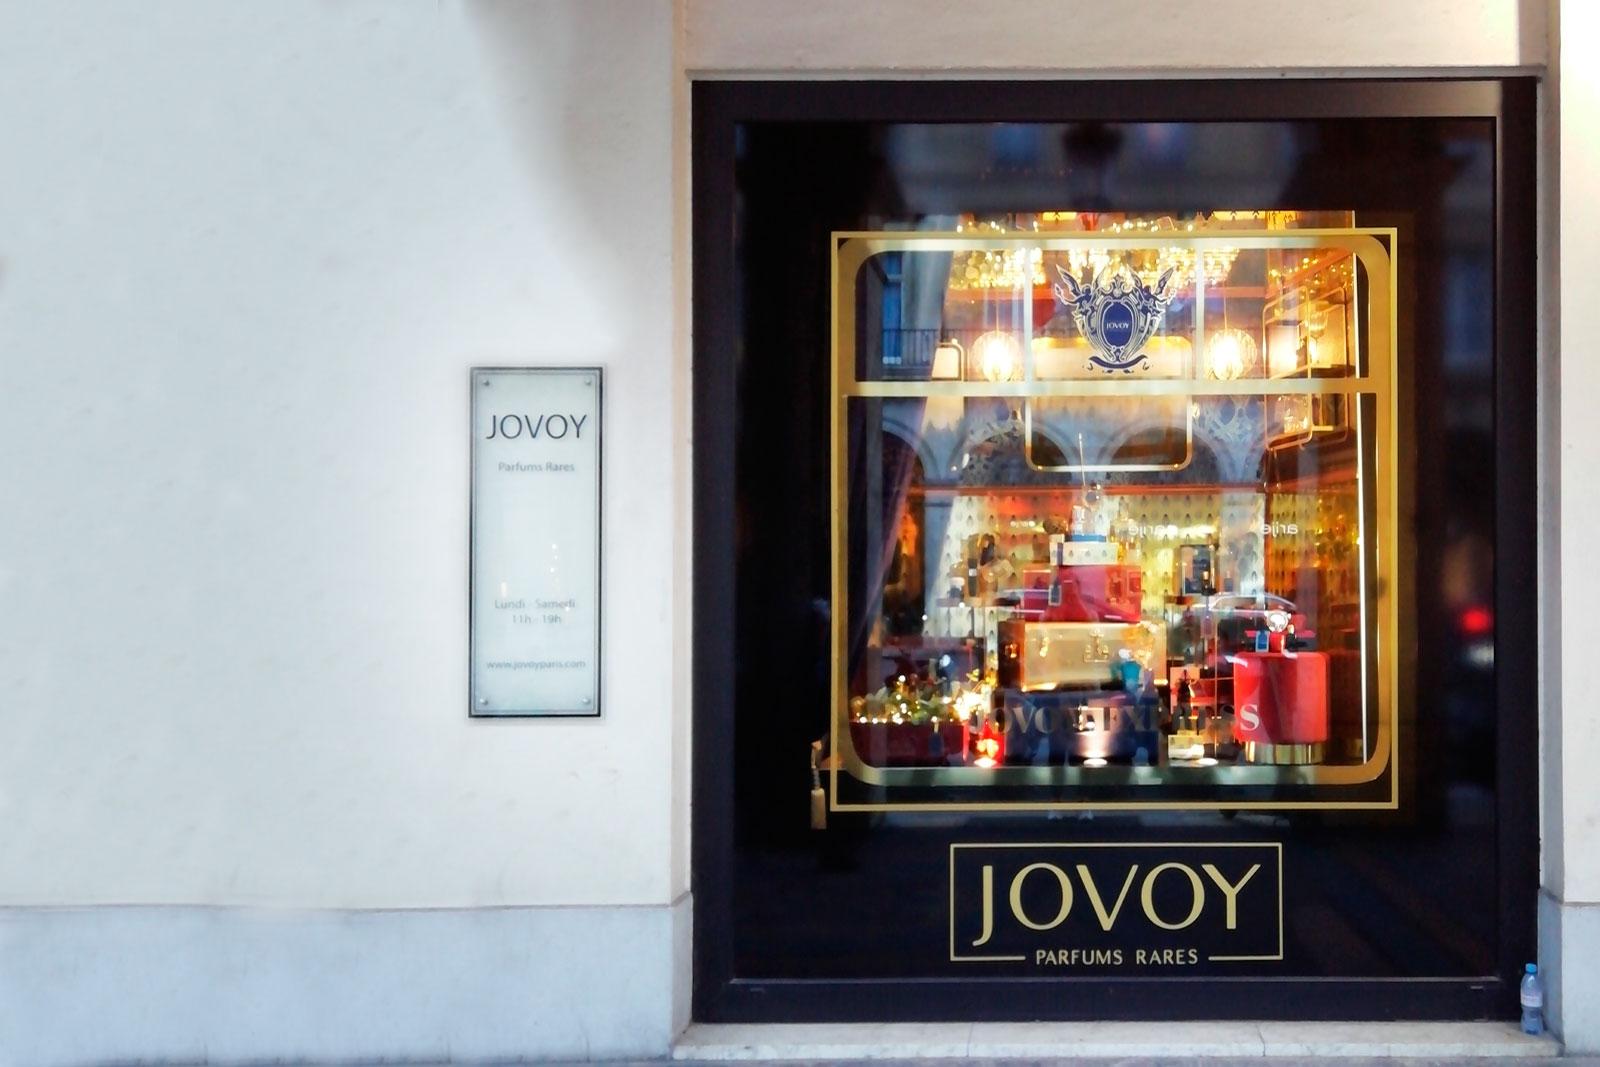 vitrine-jovoy-sweet-pea-31